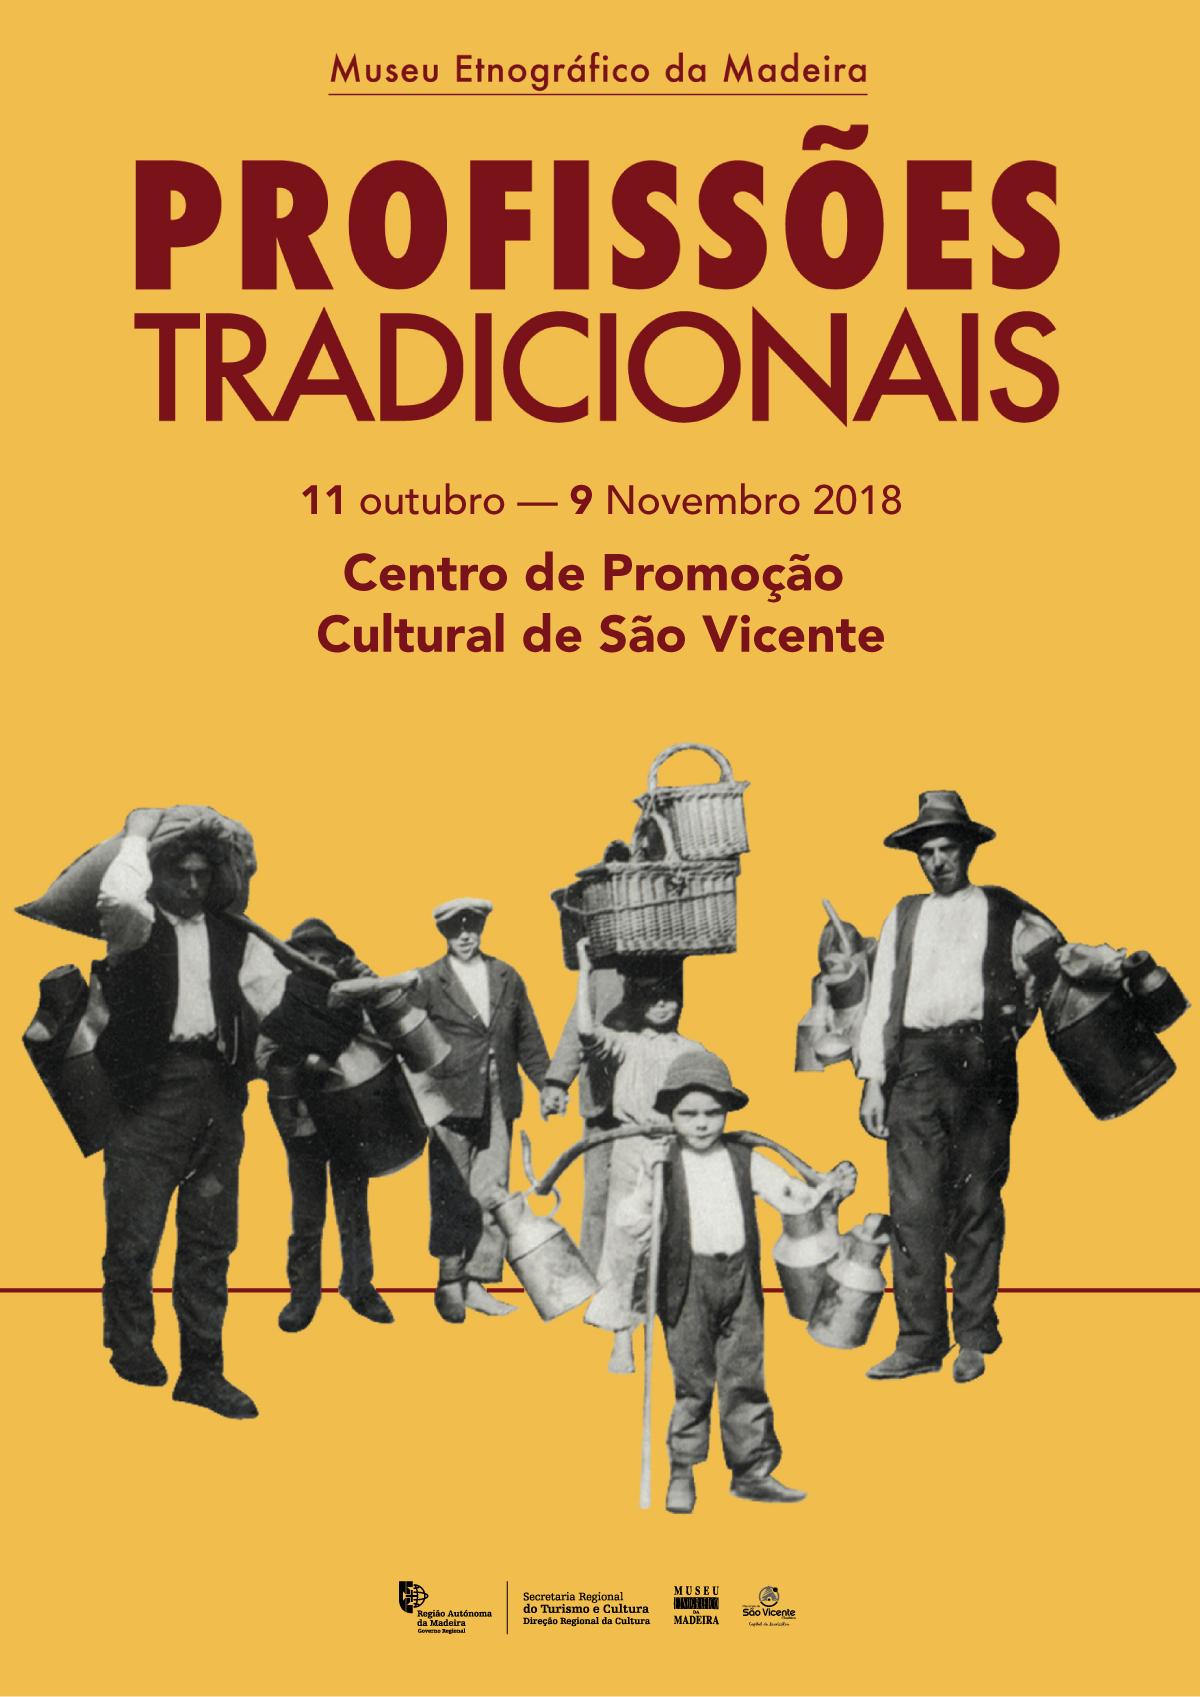 """Museu Etnográfico da Madeira expõe """"Profissões Tradicionais"""" no Centro de Promoção Cultural de São Vicente"""